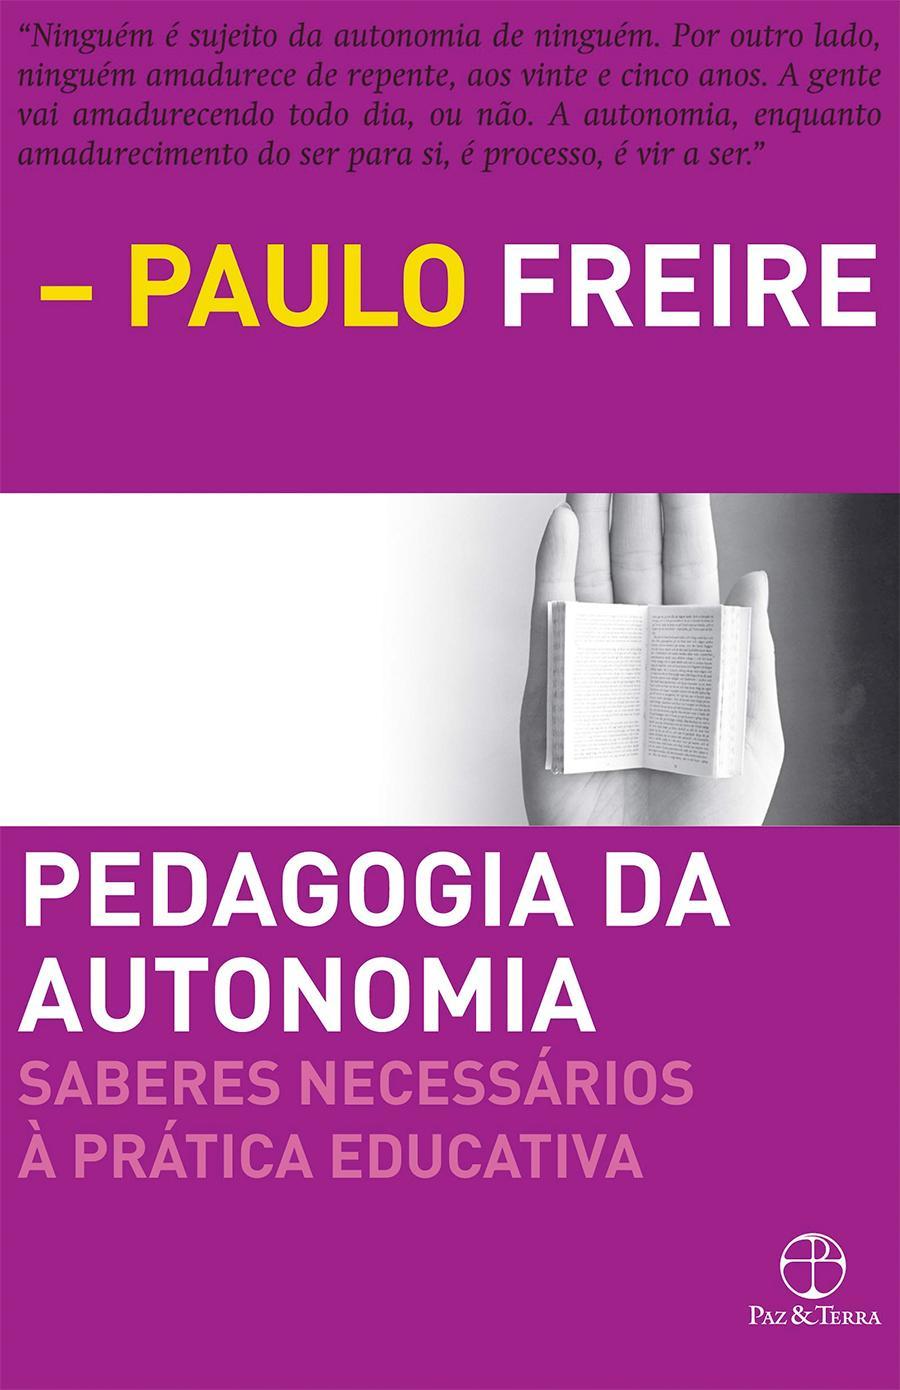 Prof.  Fernando Altemeyer, recomenda leitura para comuncaidores sociais imigrantes